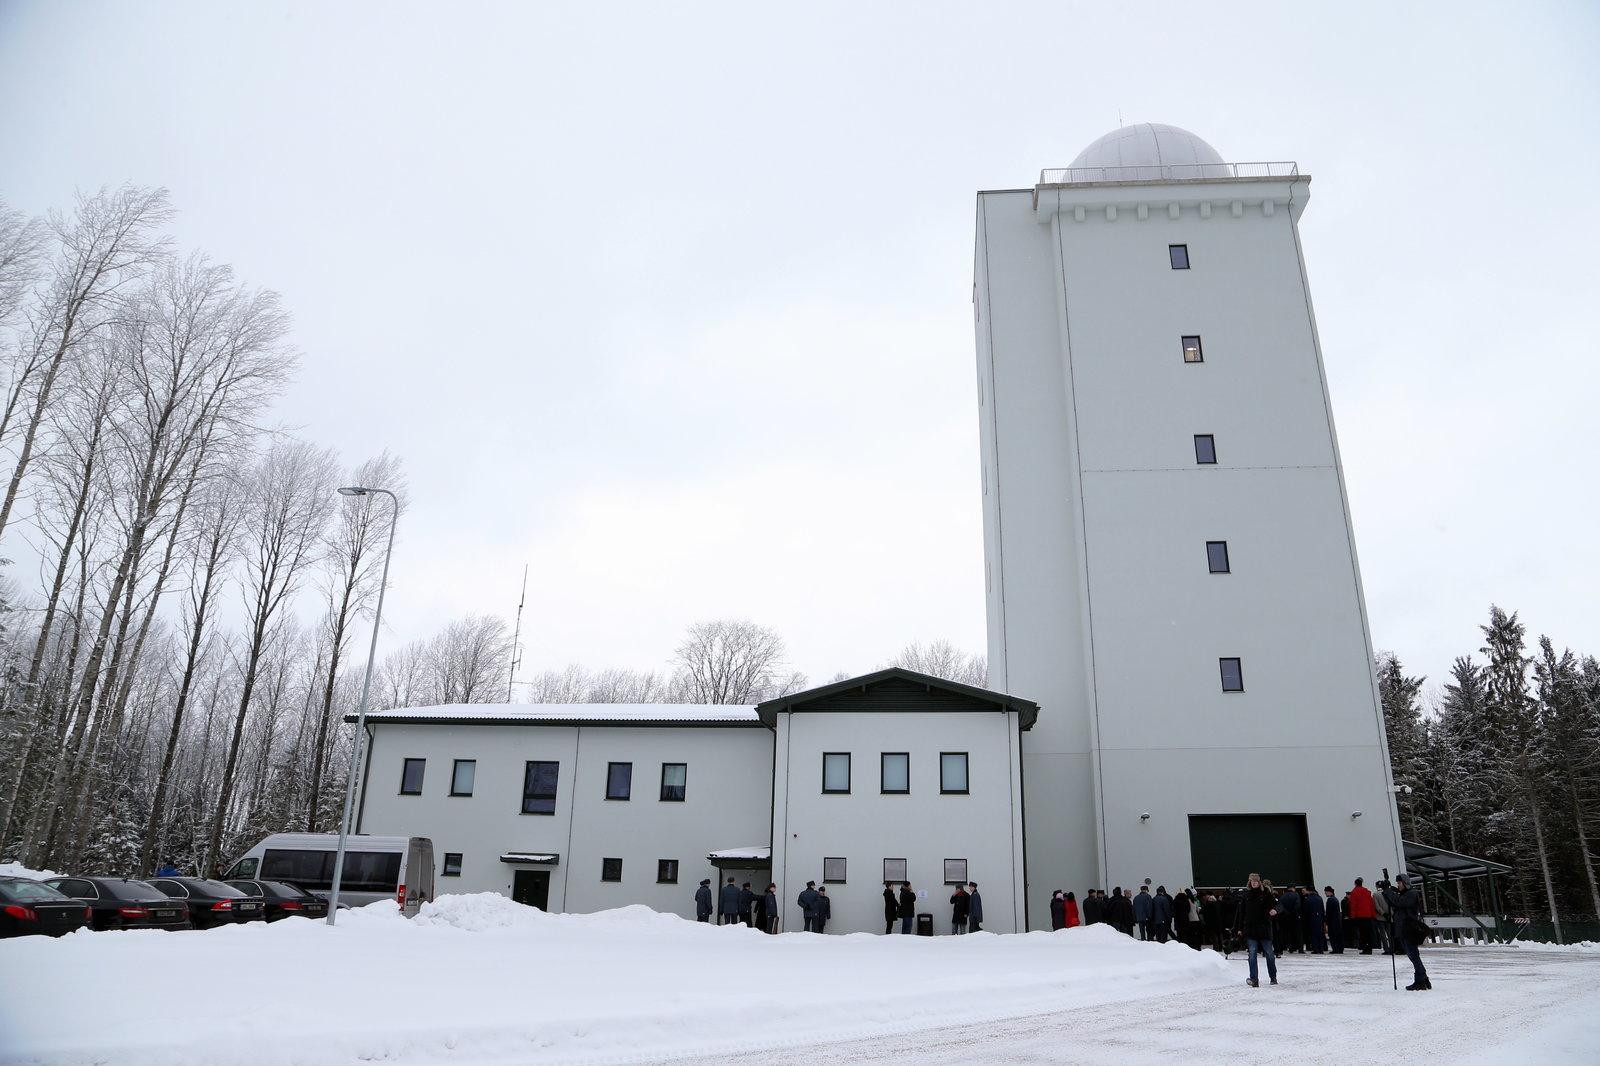 Башня радиолокационного поста с установленной РЛС ThalesRaytheonSystems Ground Master GM403 ВВС Эстонии в Тойка (Отепяя). 27.01.2015.